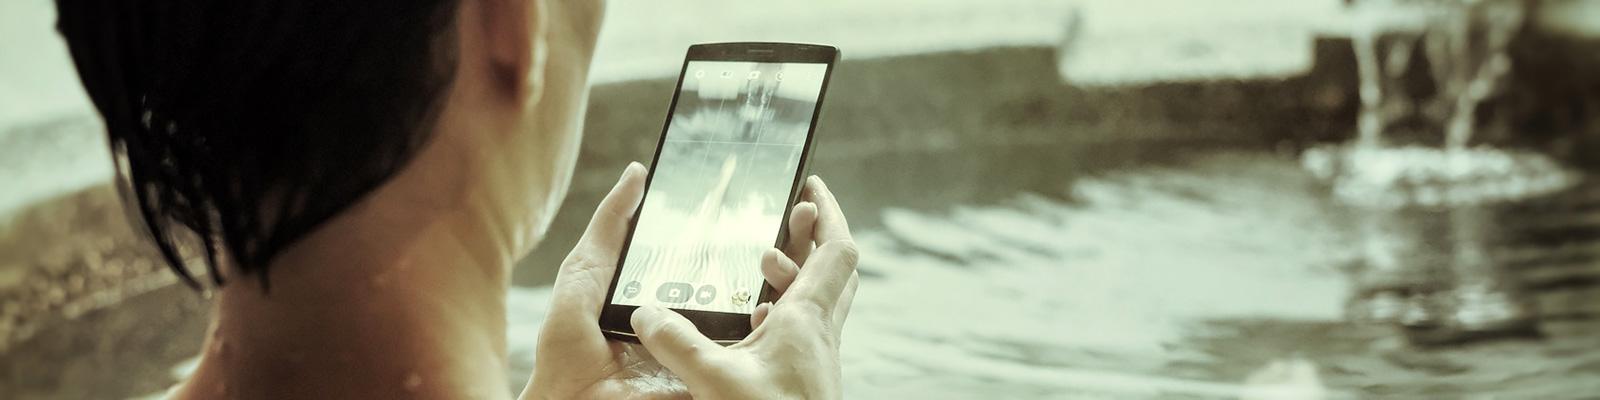 携帯 カメラ 浴場 イメージ